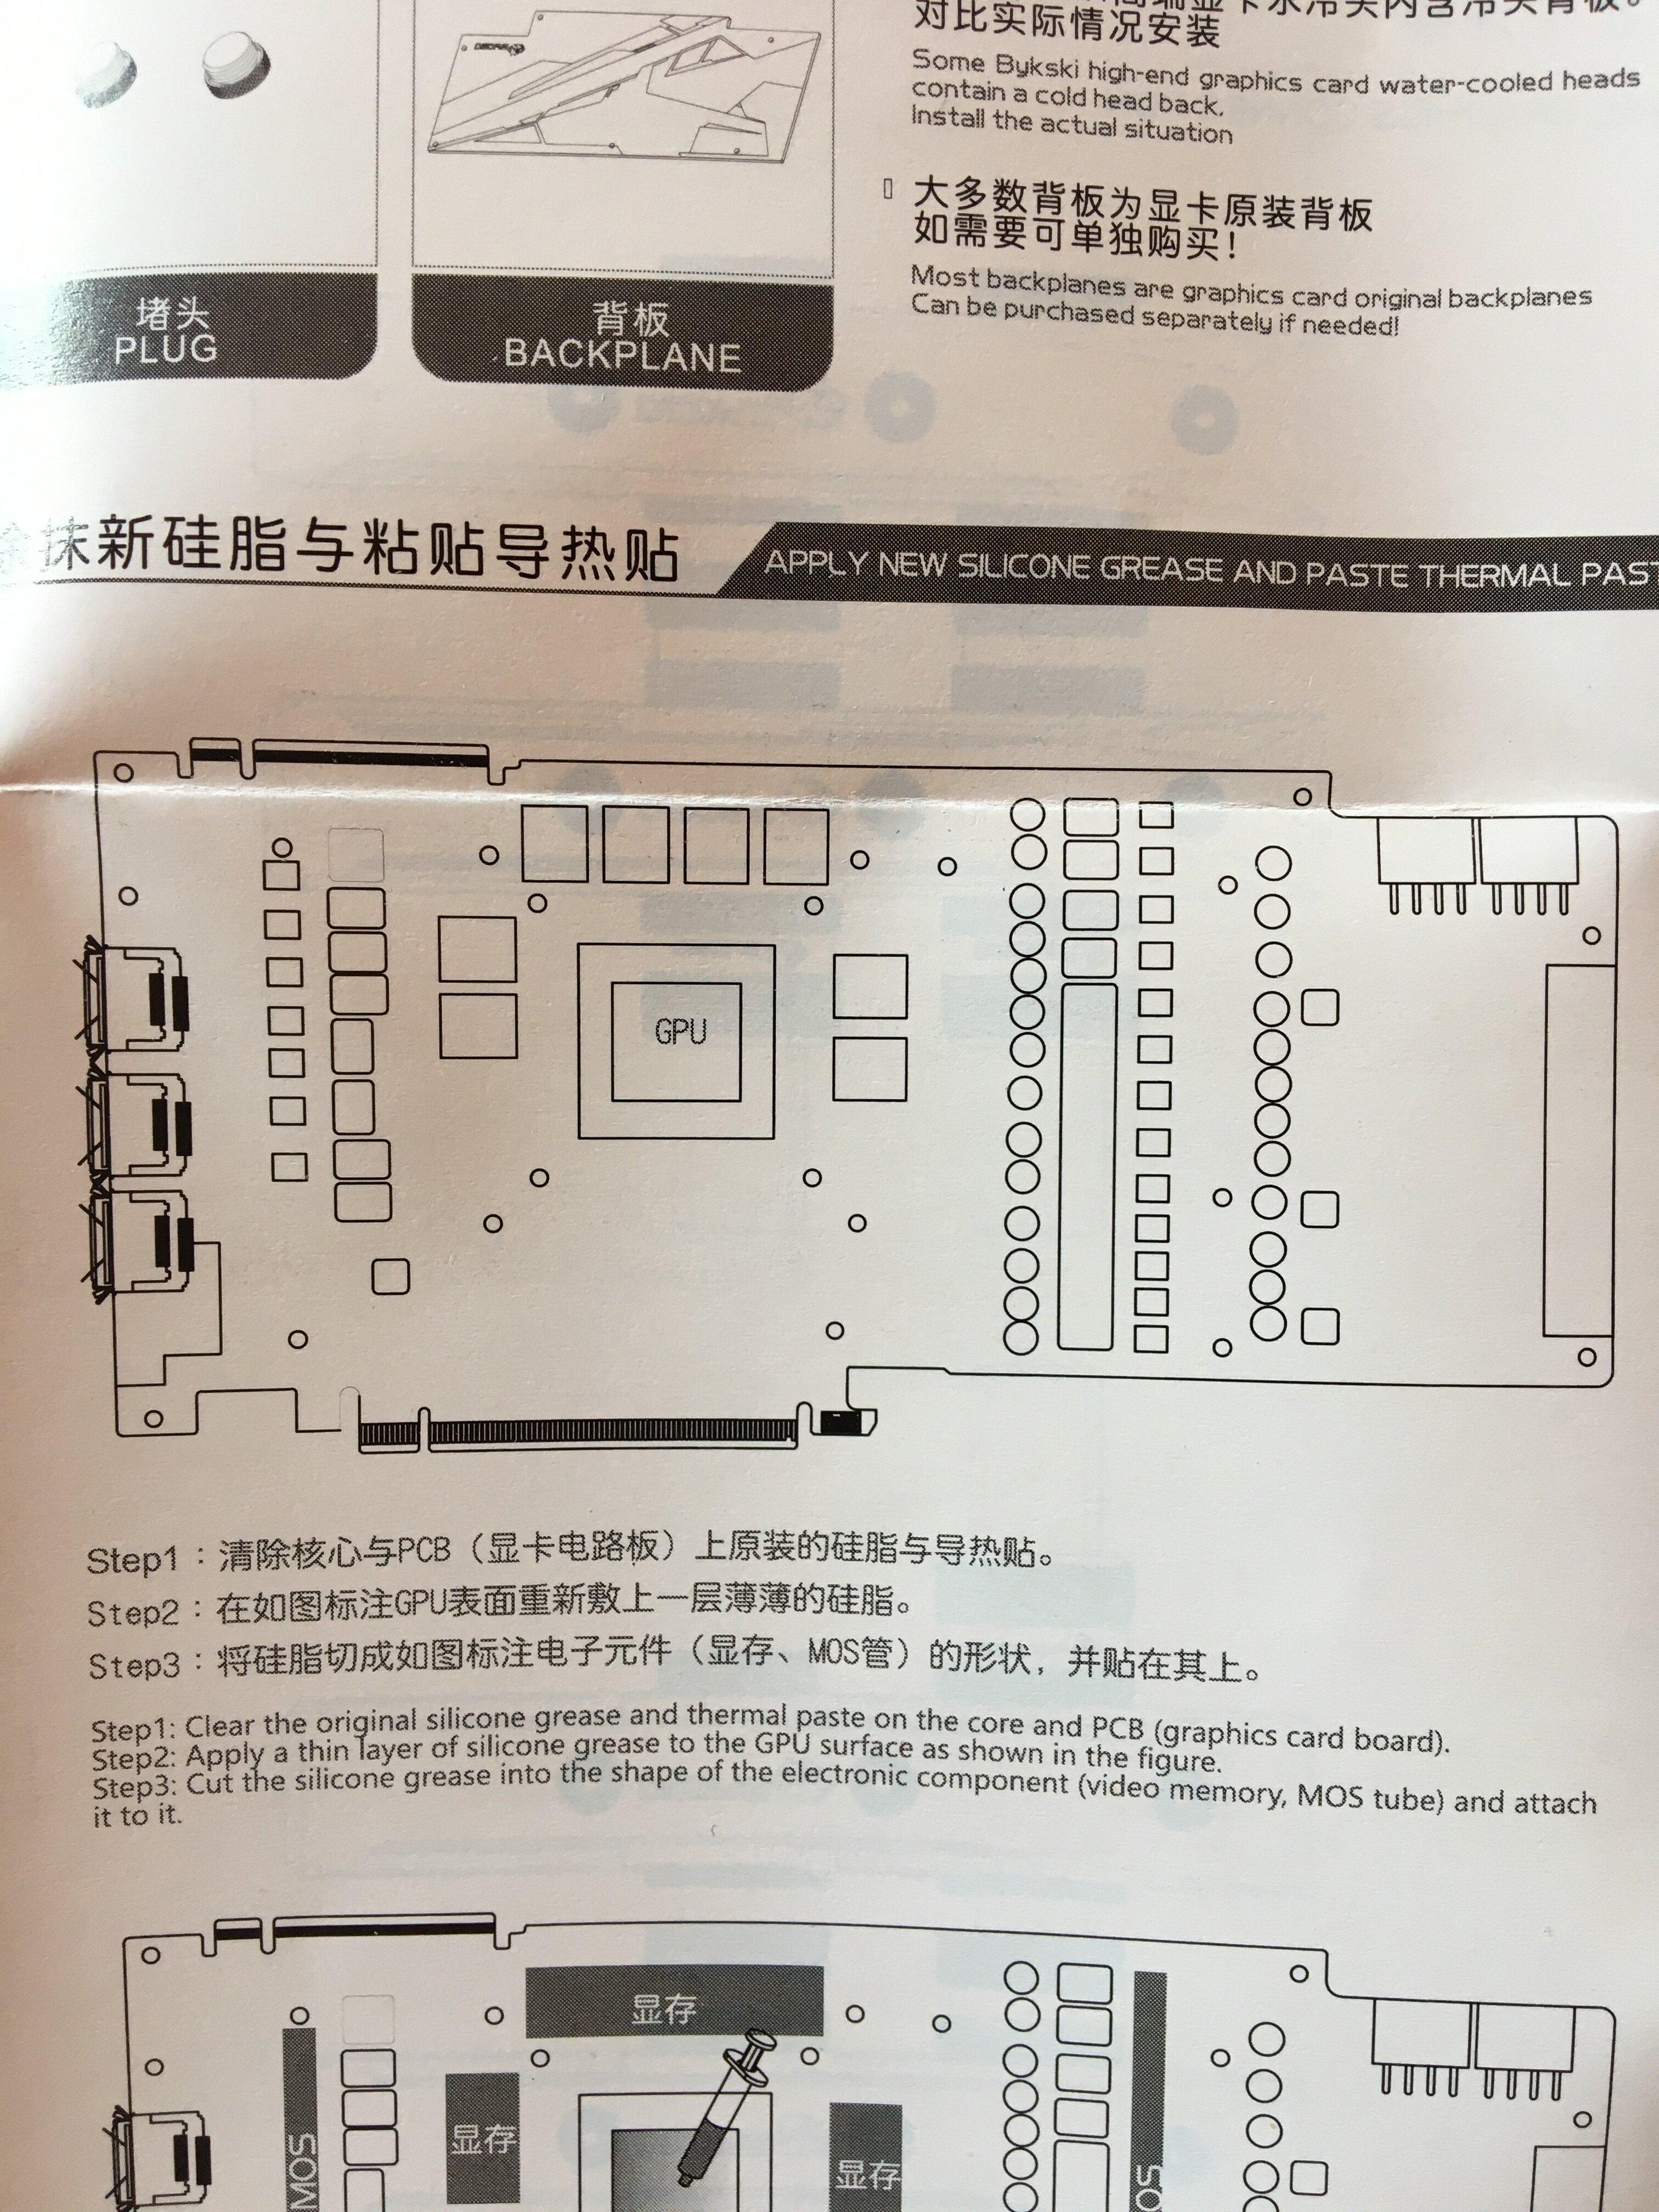 EE4312B1-F86F-477A-A156-EB2CD1A6DF44.jpeg